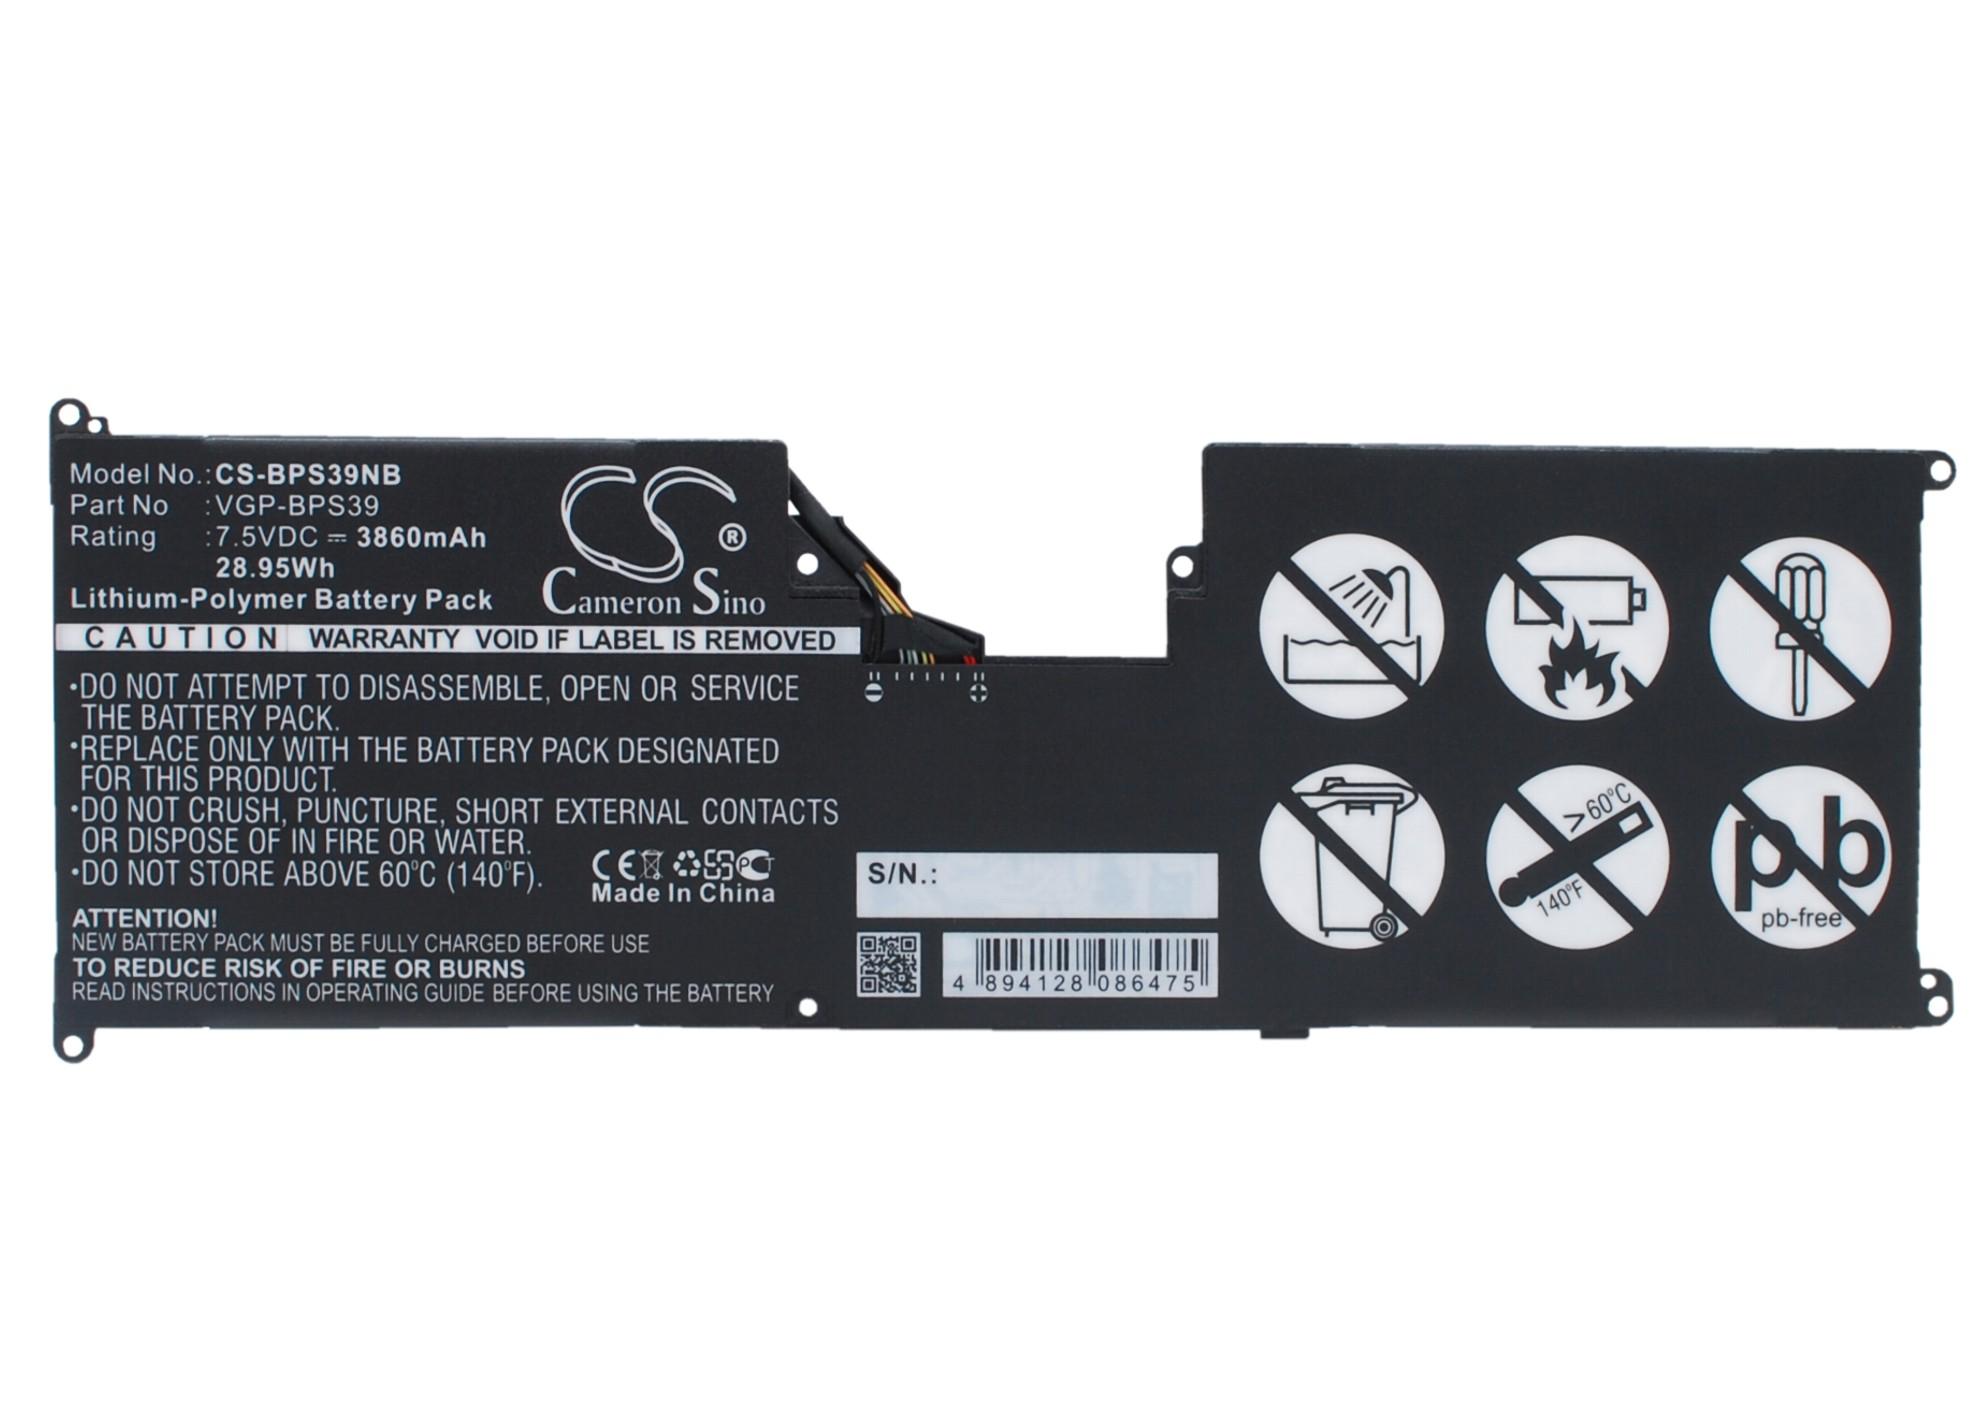 Cameron Sino baterie do notebooků pro SONY VAIO Tap 11 7.5V Li-Polymer 3860mAh černá - neoriginální